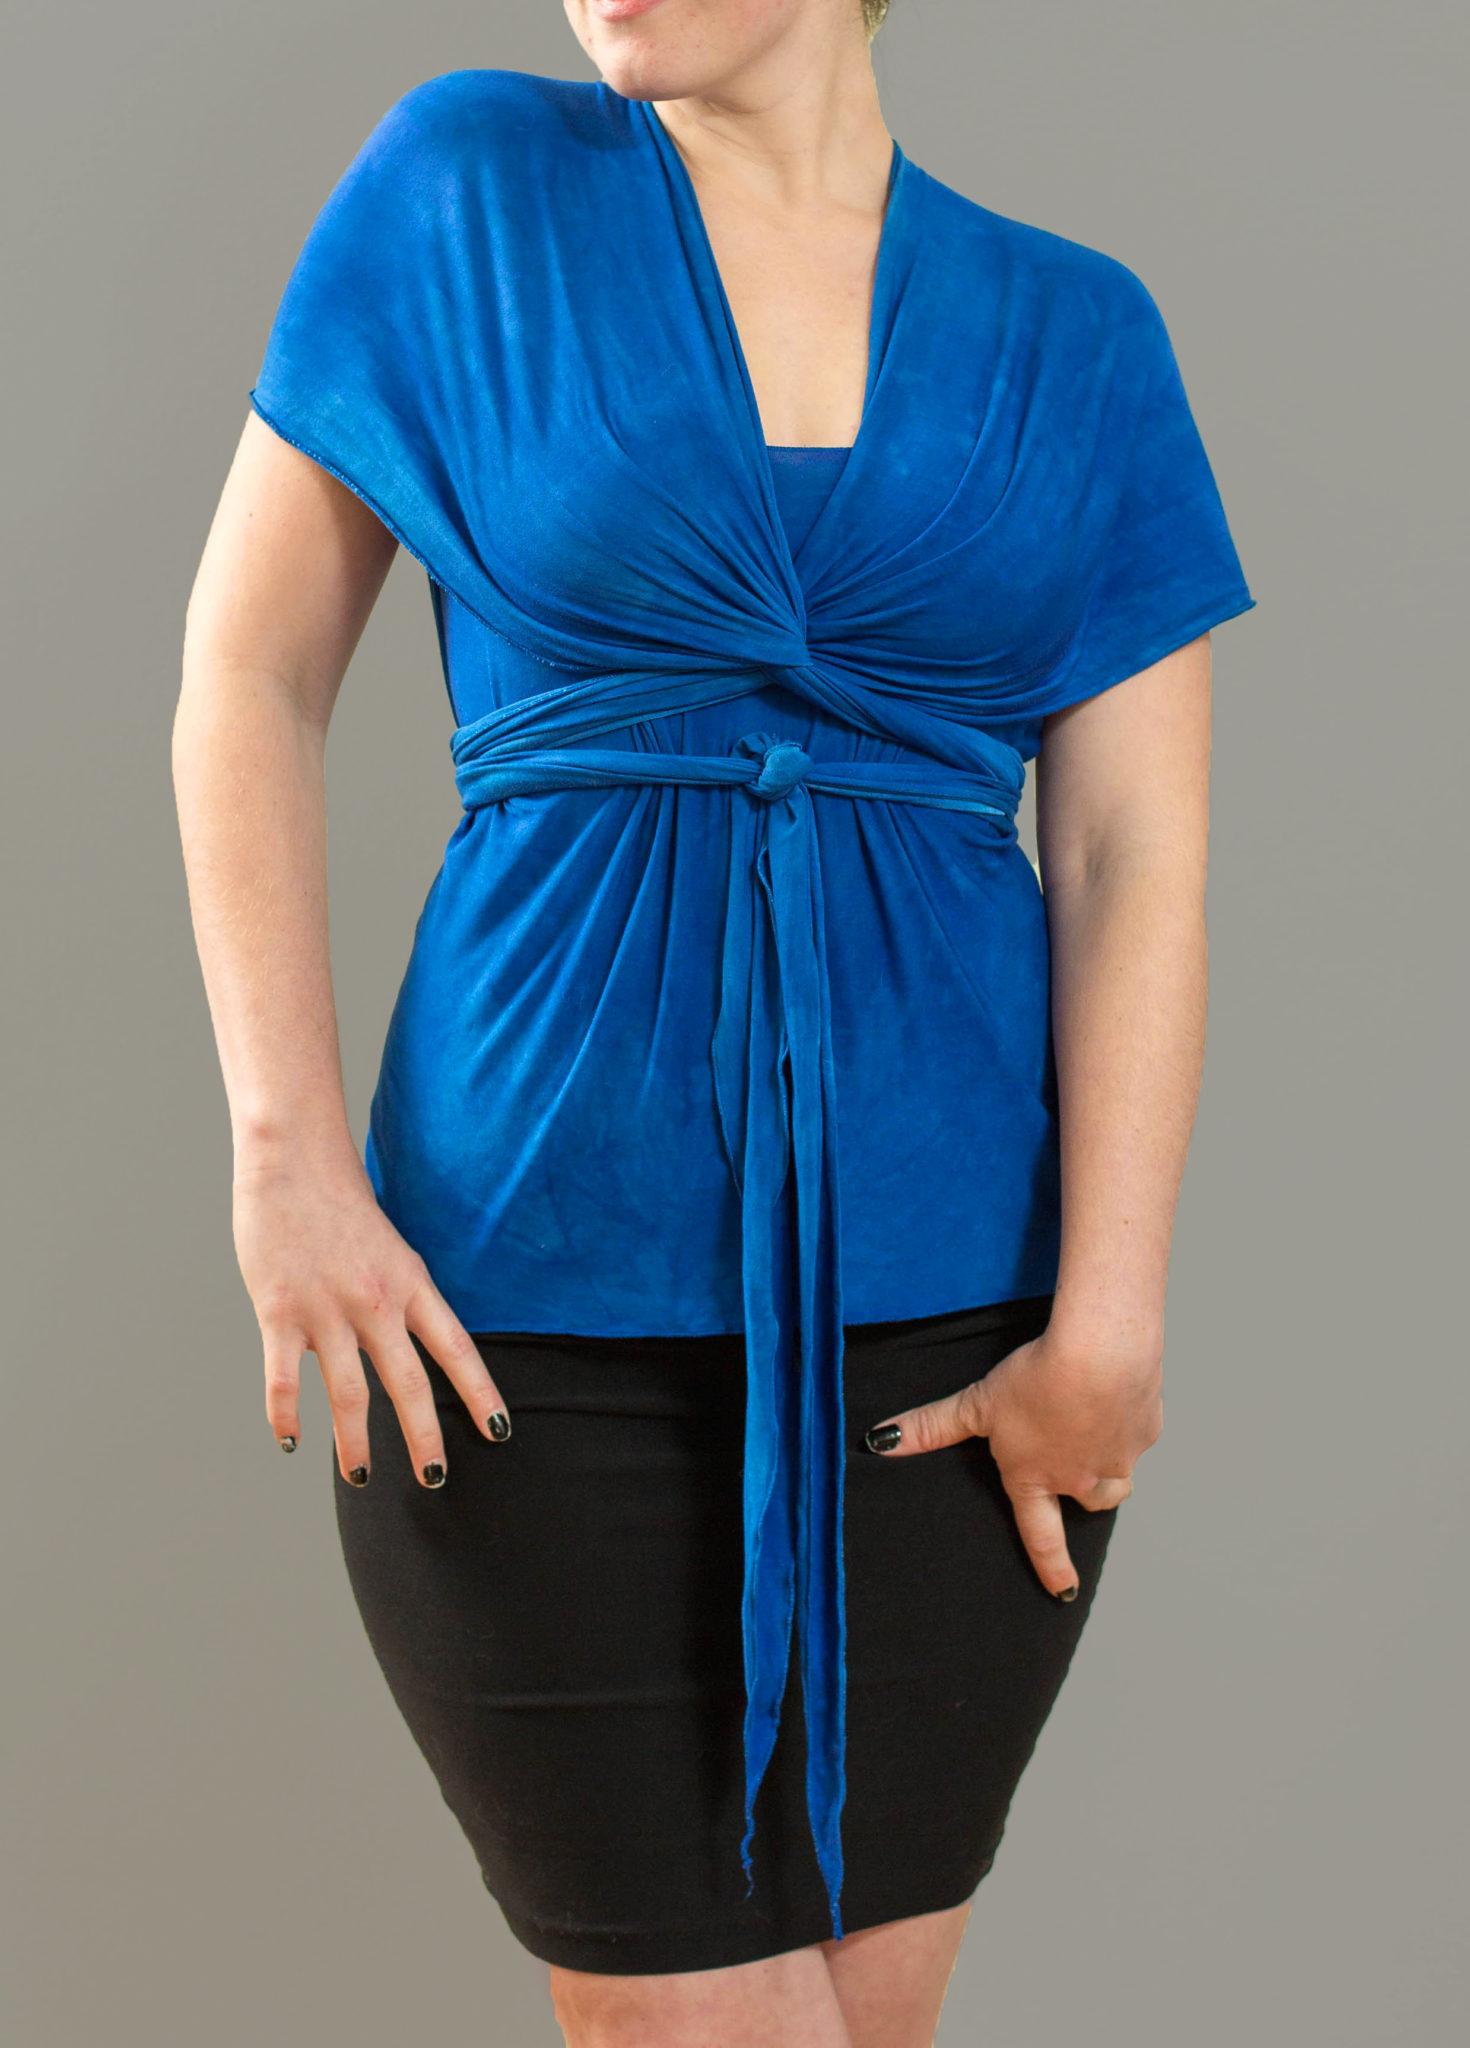 Tunic Top/Mini-Dress